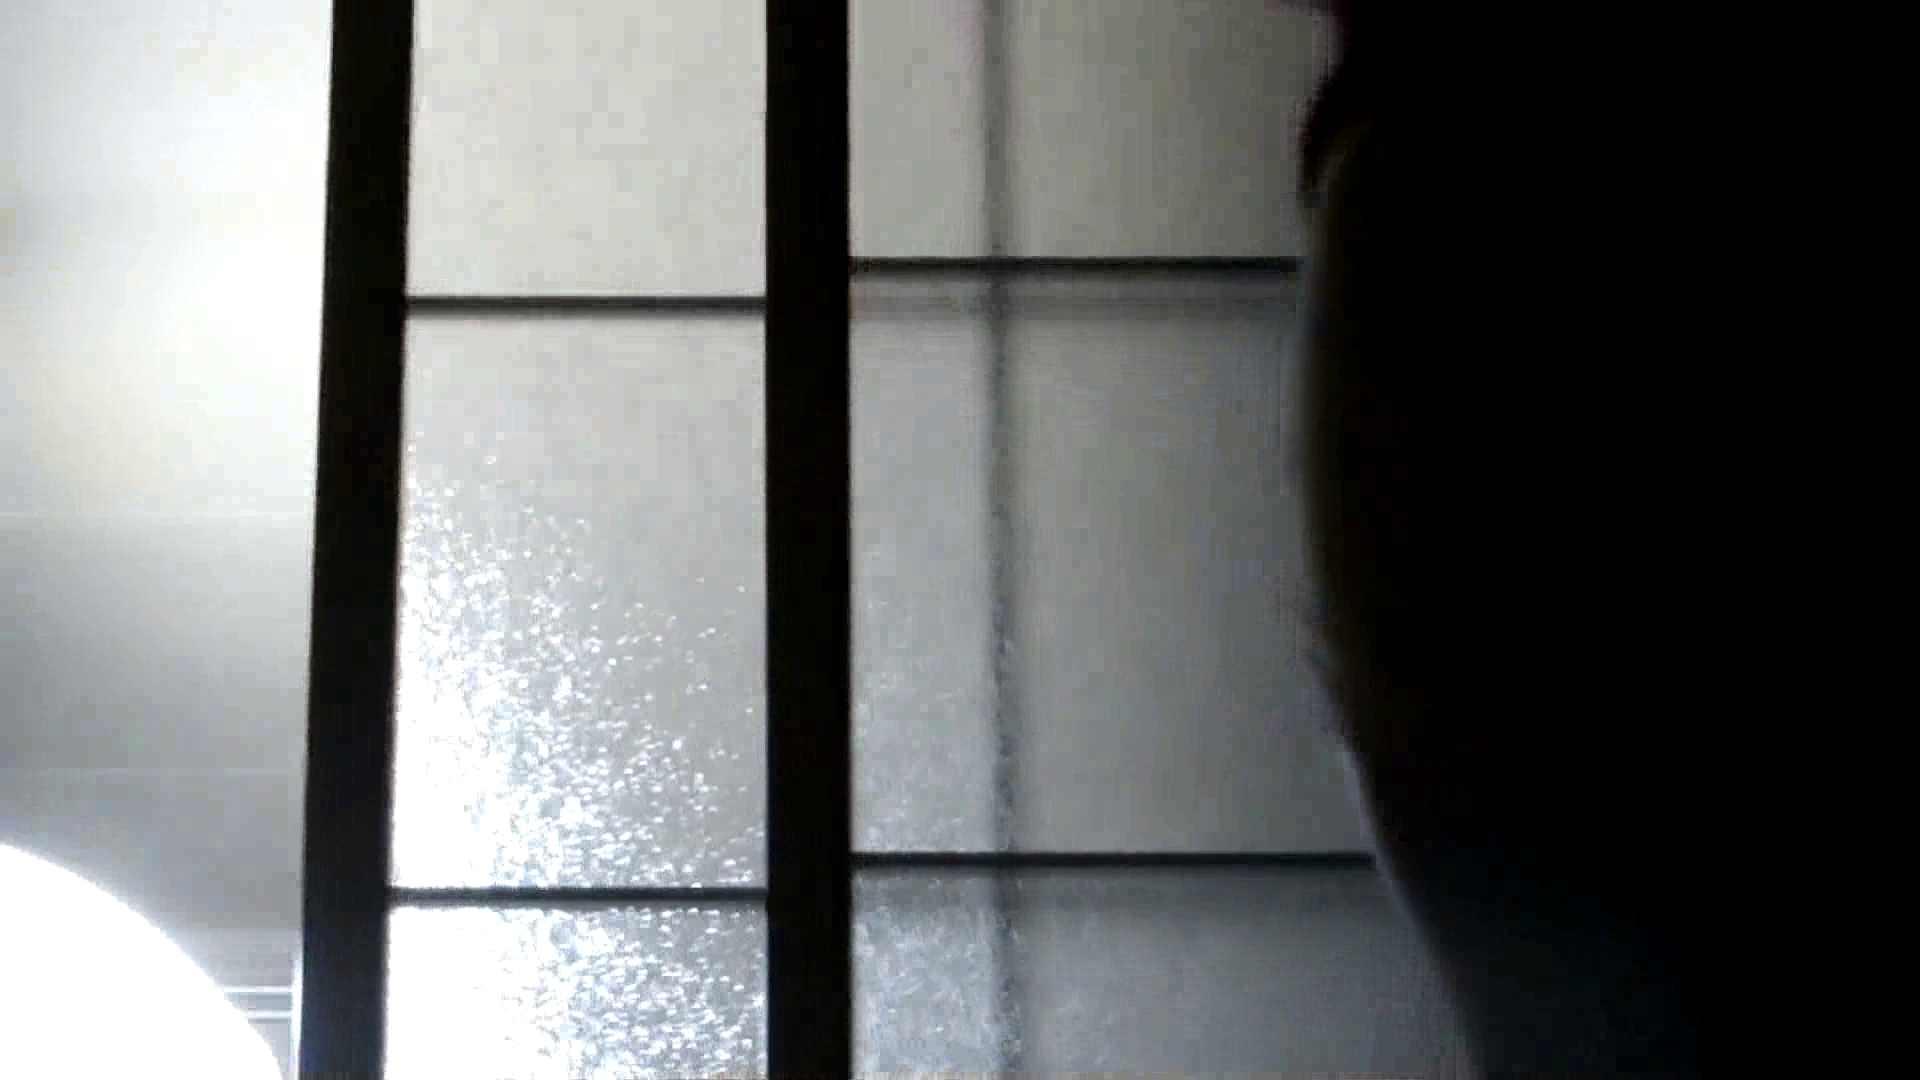 リアル盗撮 清楚なお女市さんのマル秘私生活② 高画質 セックス画像 56連発 14